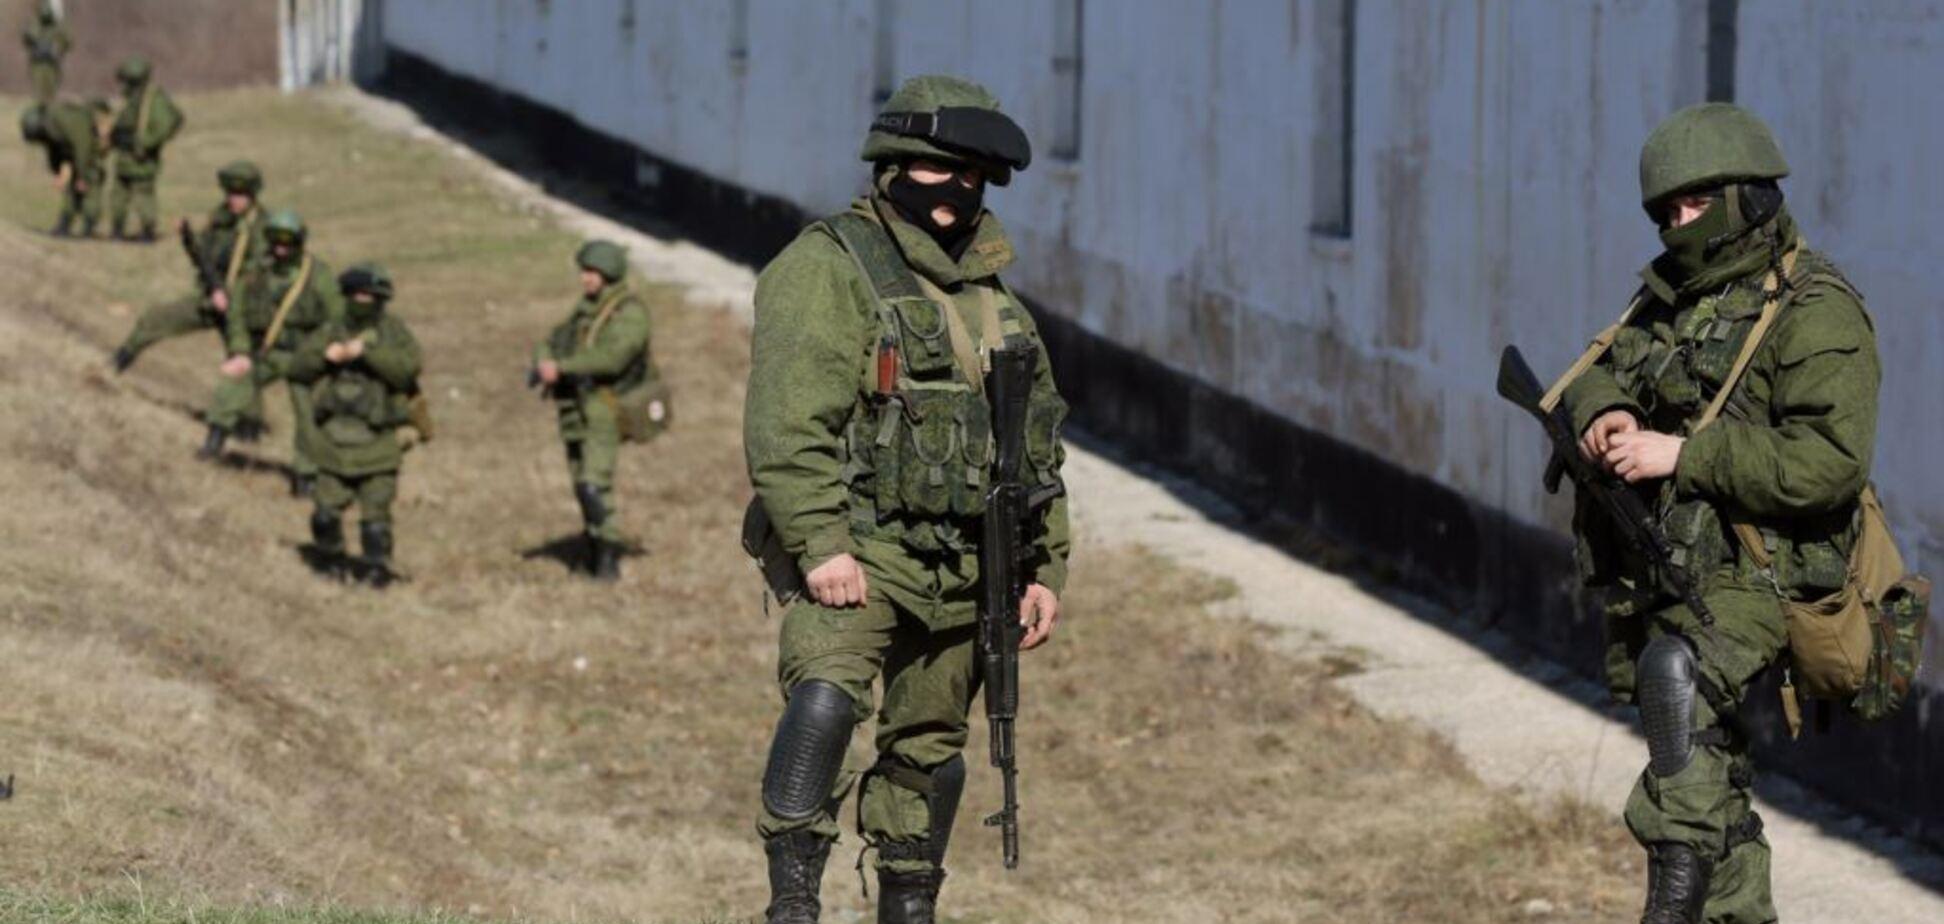 'Ви дограєтеся!' Окупанти пригрозили Україні через Крим